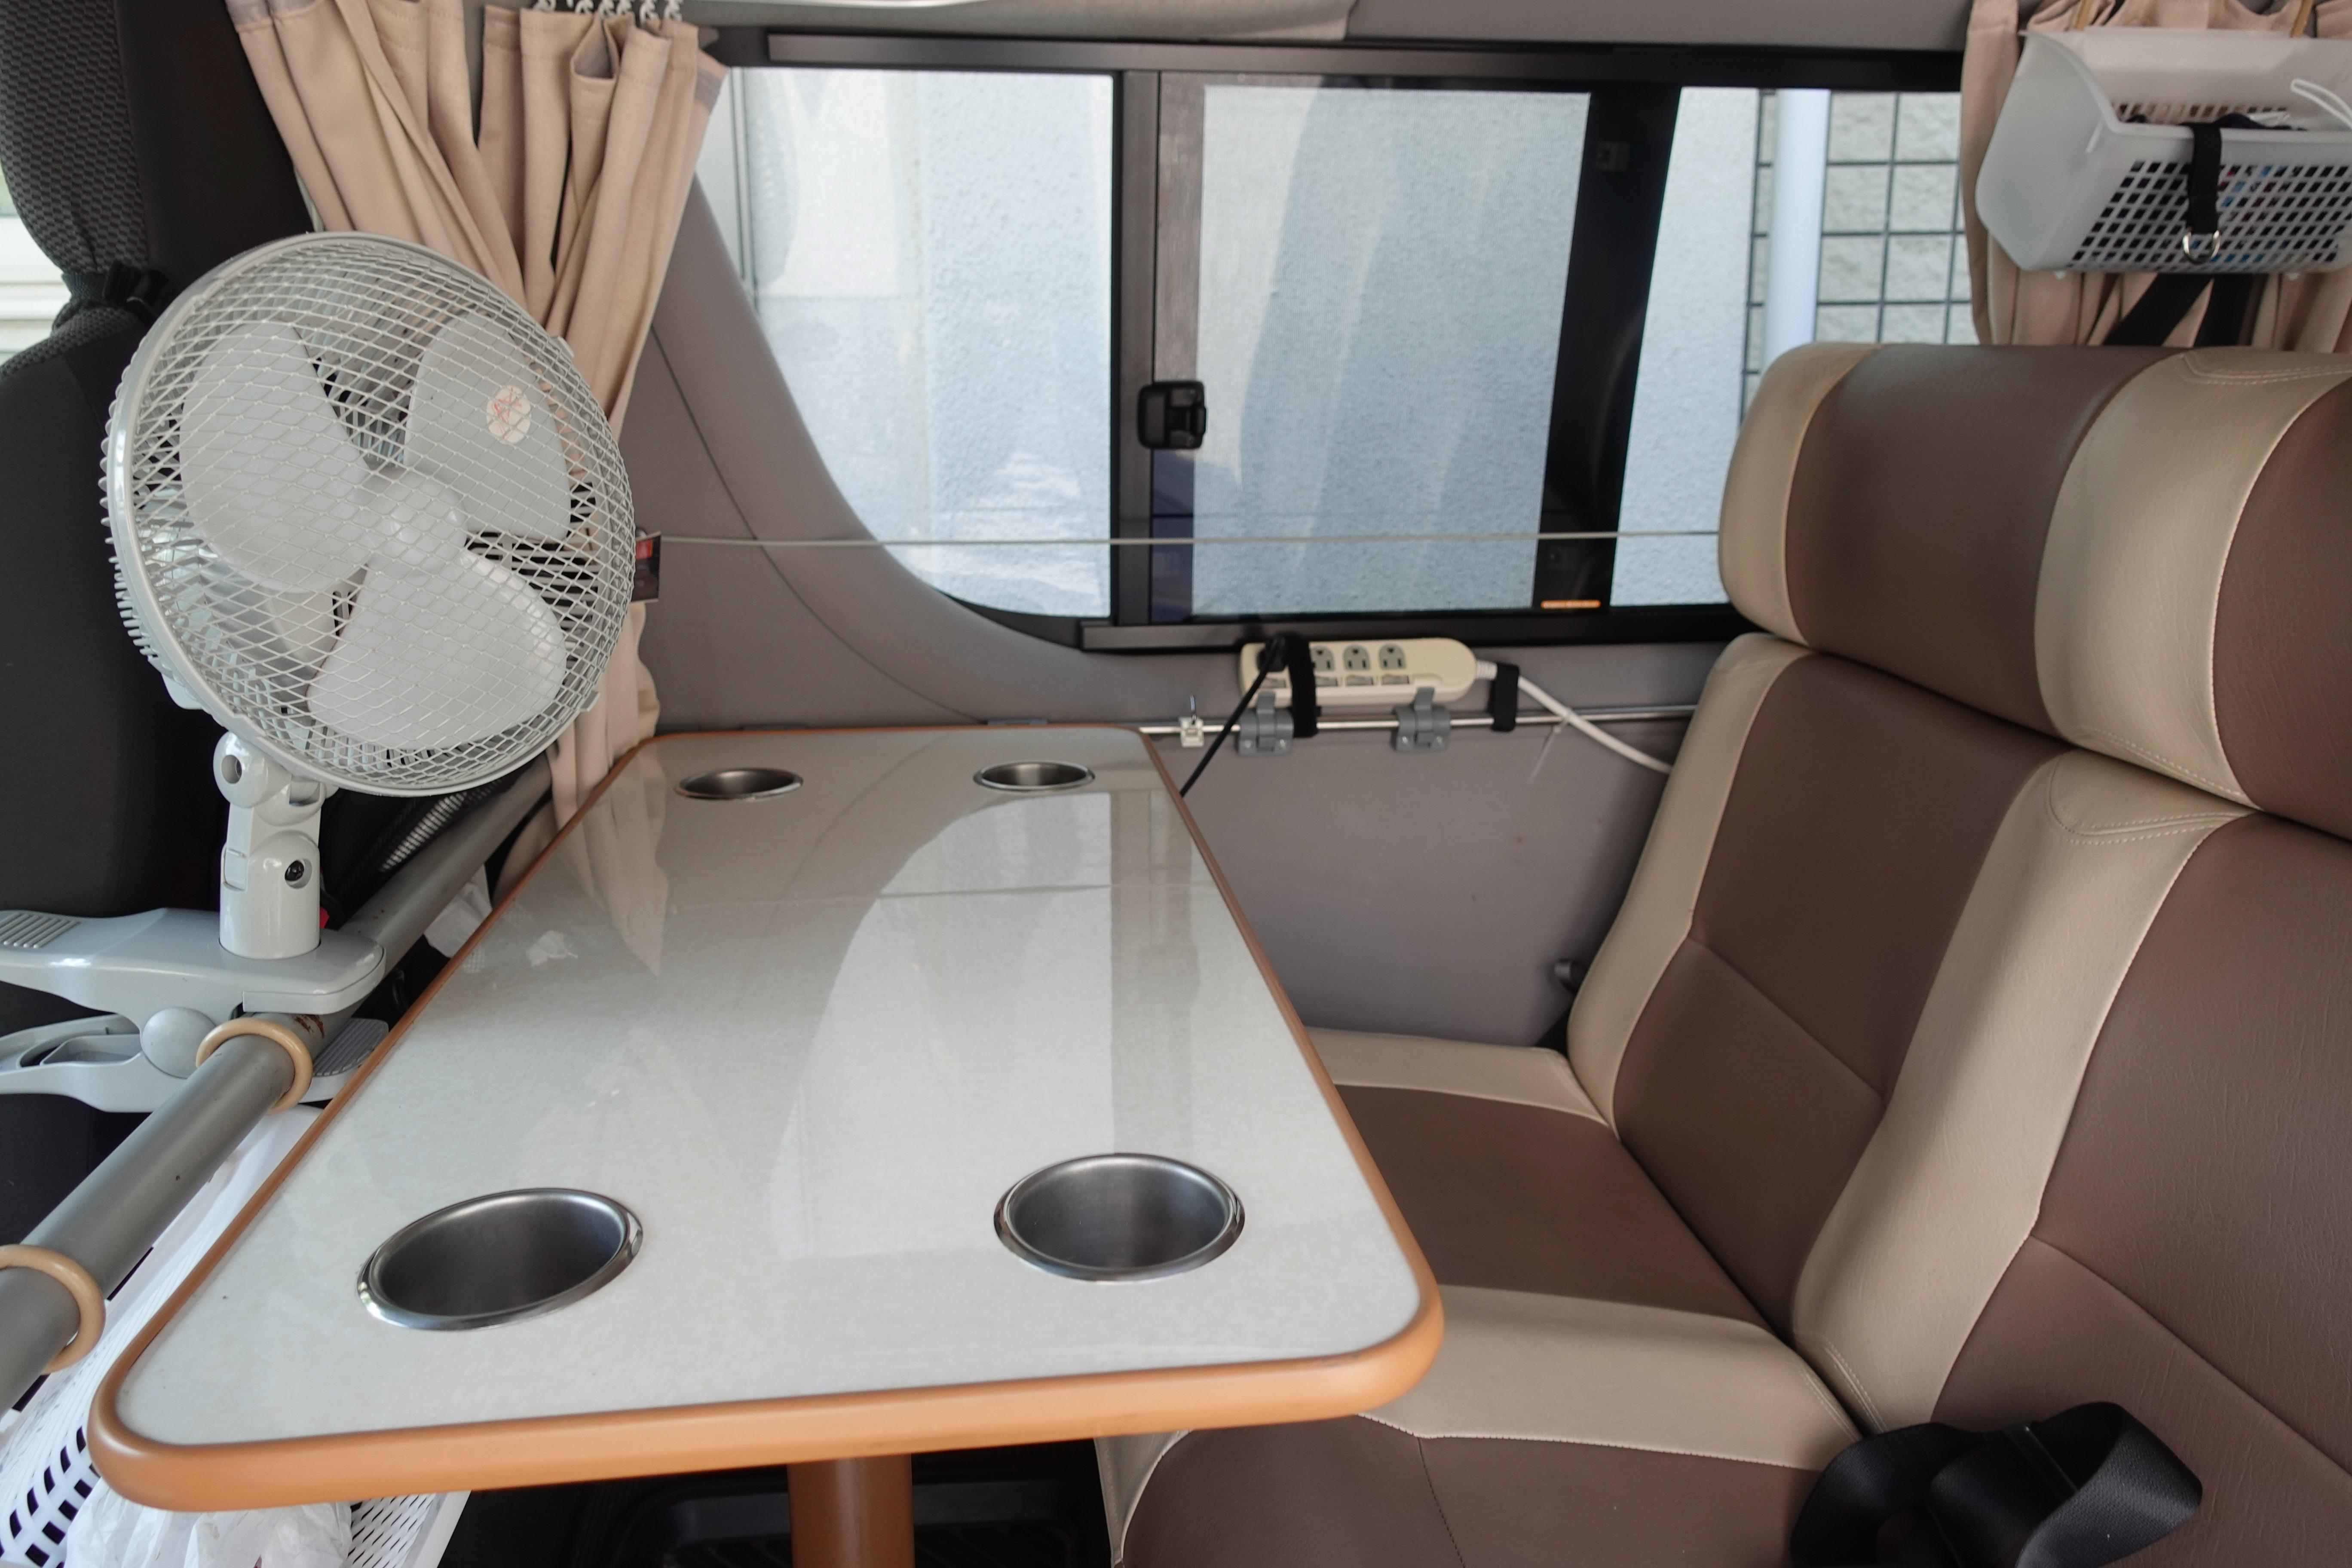 (8)内観(後部座席) テーブルを設置したまま座ることも可能です。電源タップもあり、仕事場としても便利です。